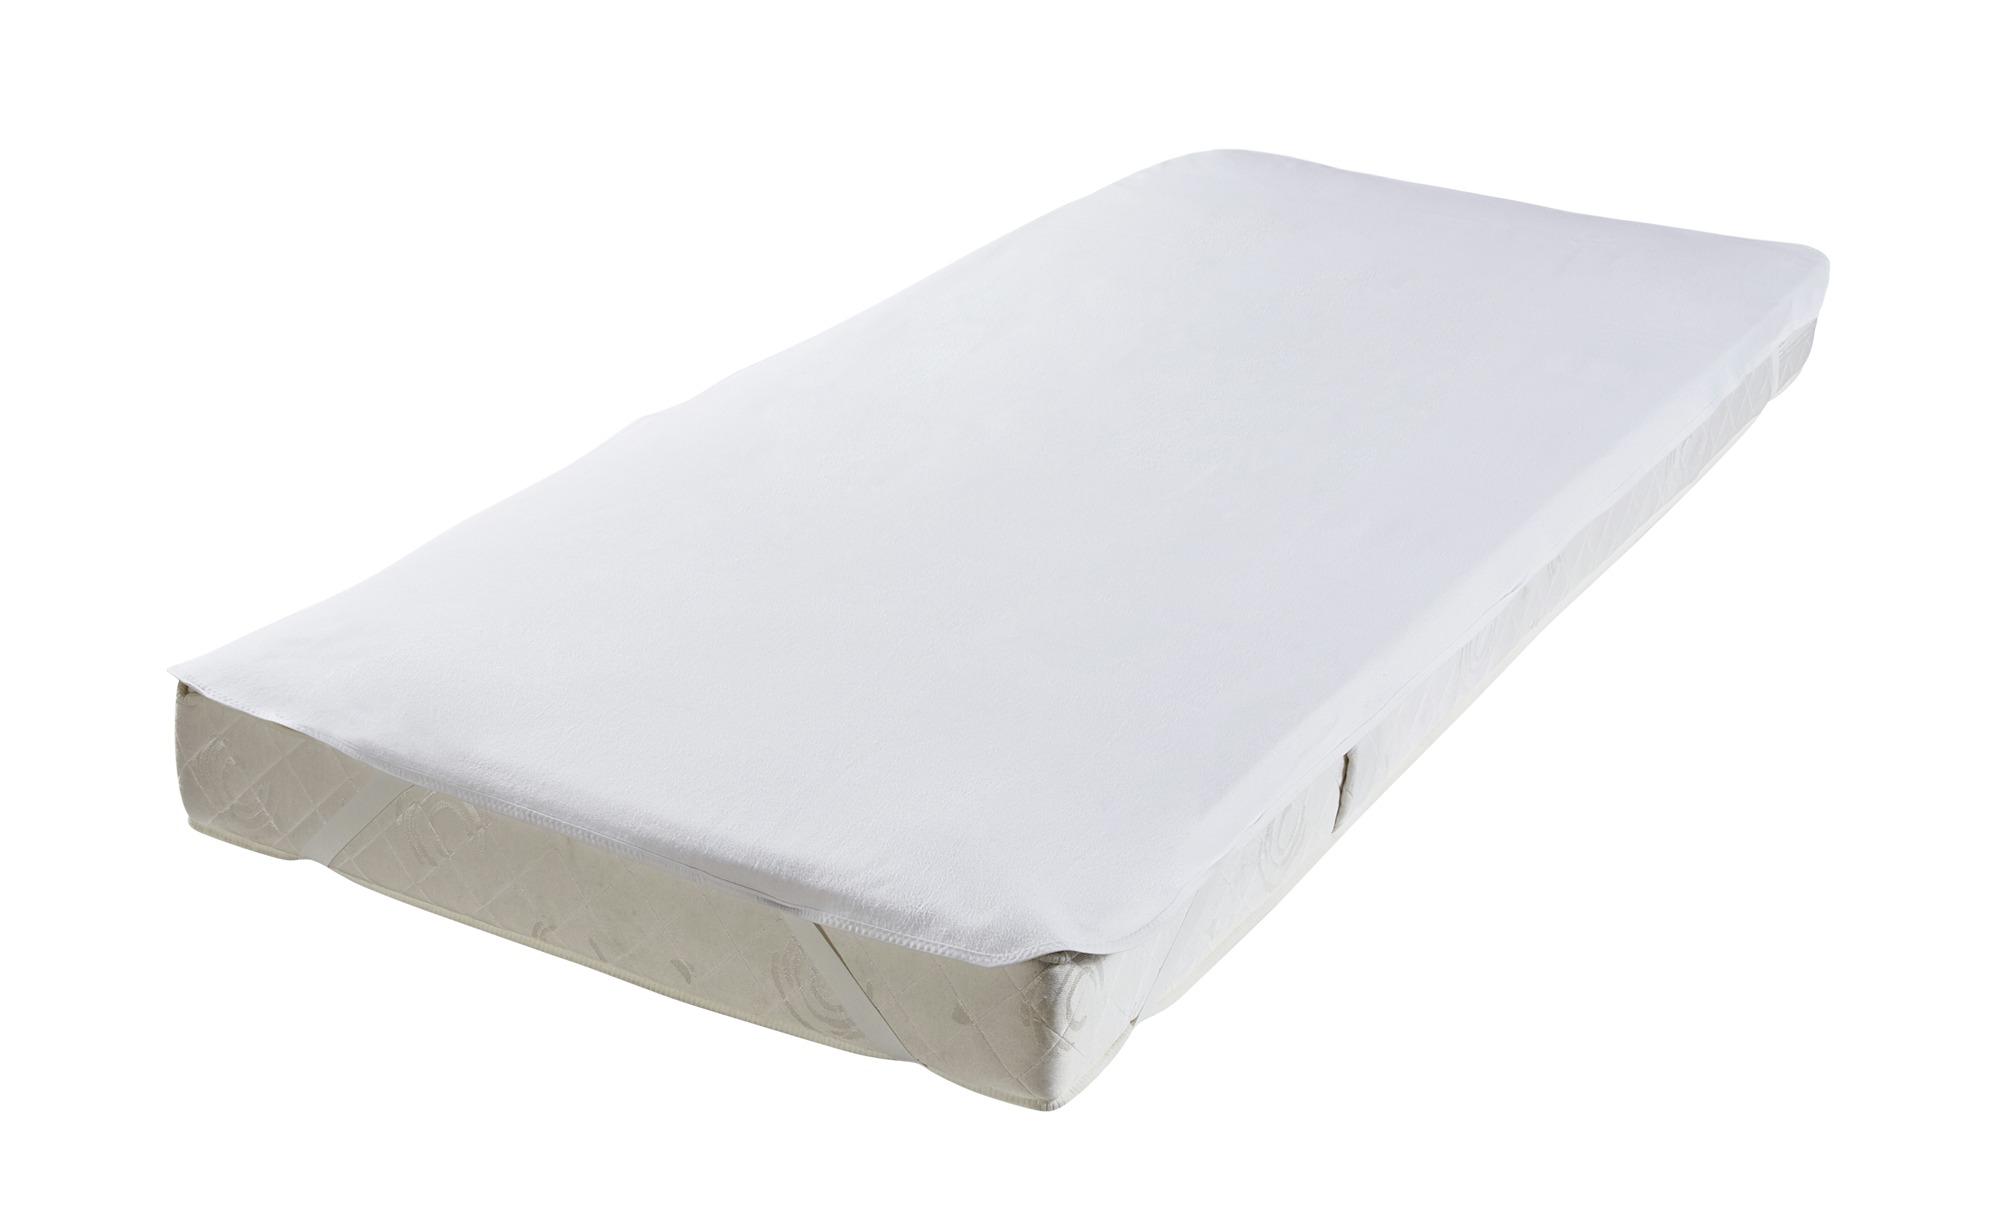 LAVIDA Molton-Matratzenauflage - weiß - 100% Baumwolle - 120 cm - Sconto